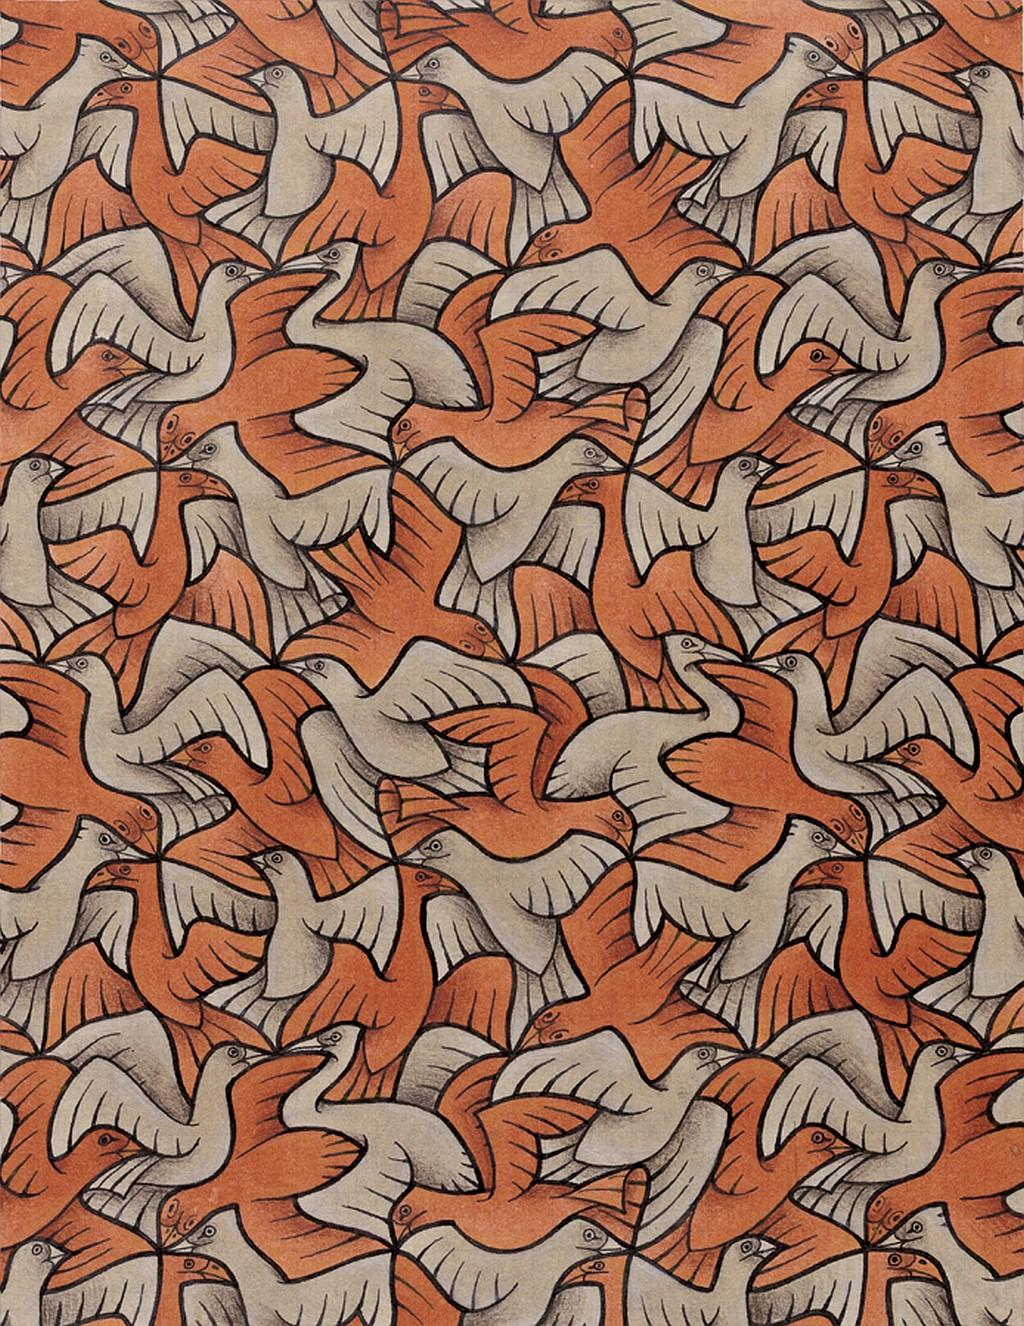 Hintergrundbilder Zeichnung Vogel Tiere Rot Flugel Kunstwerk